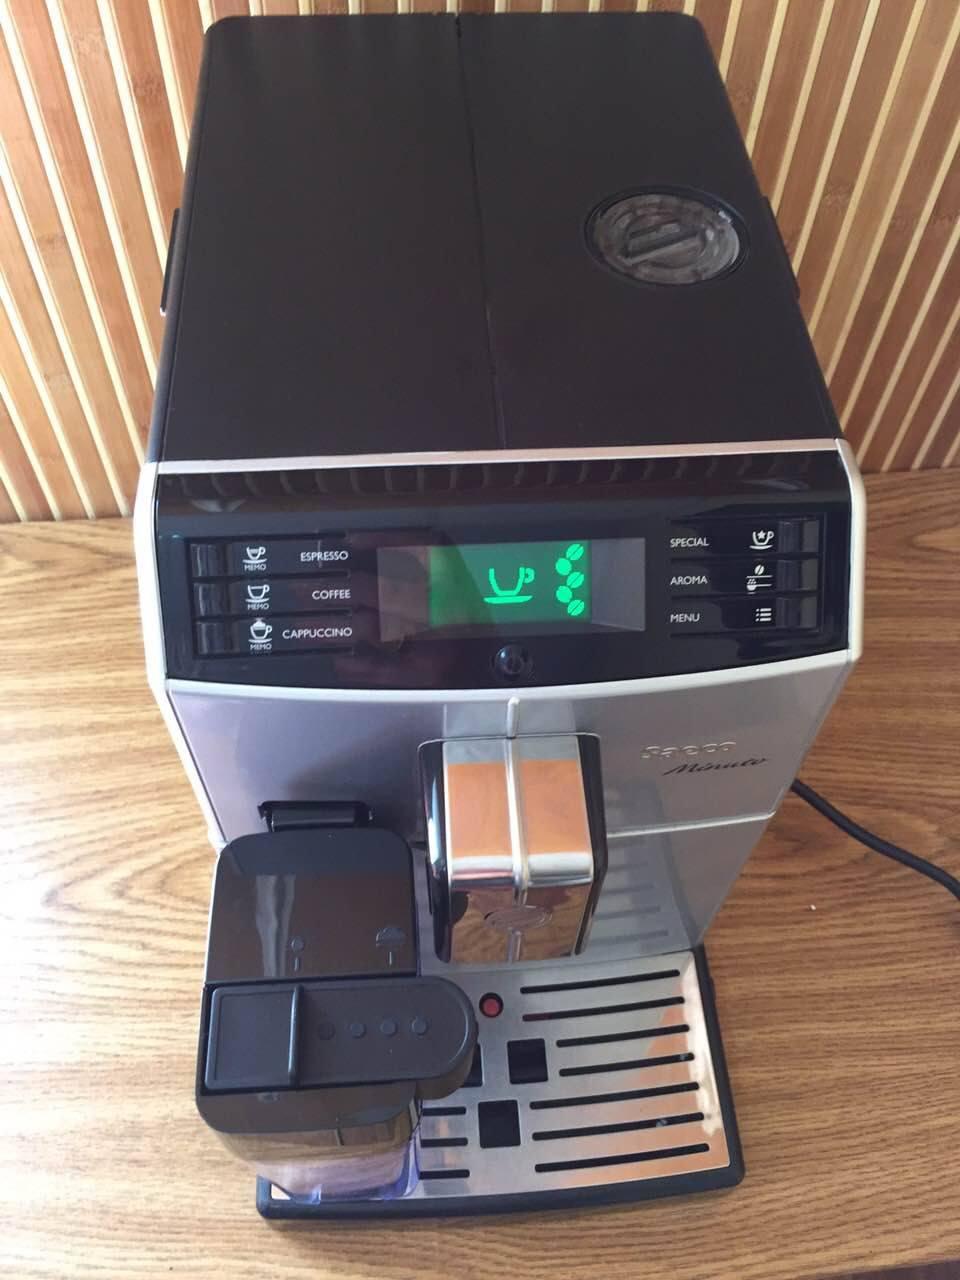 Эта модель кофемашины относится к классу люкс. С ней вы не только сварите качественный кофе, но и сможете выбрать один из семи видов различных кофейных напитков, таких как капучино и латте. Также вы сможете регулировать крепость кофе и помол.